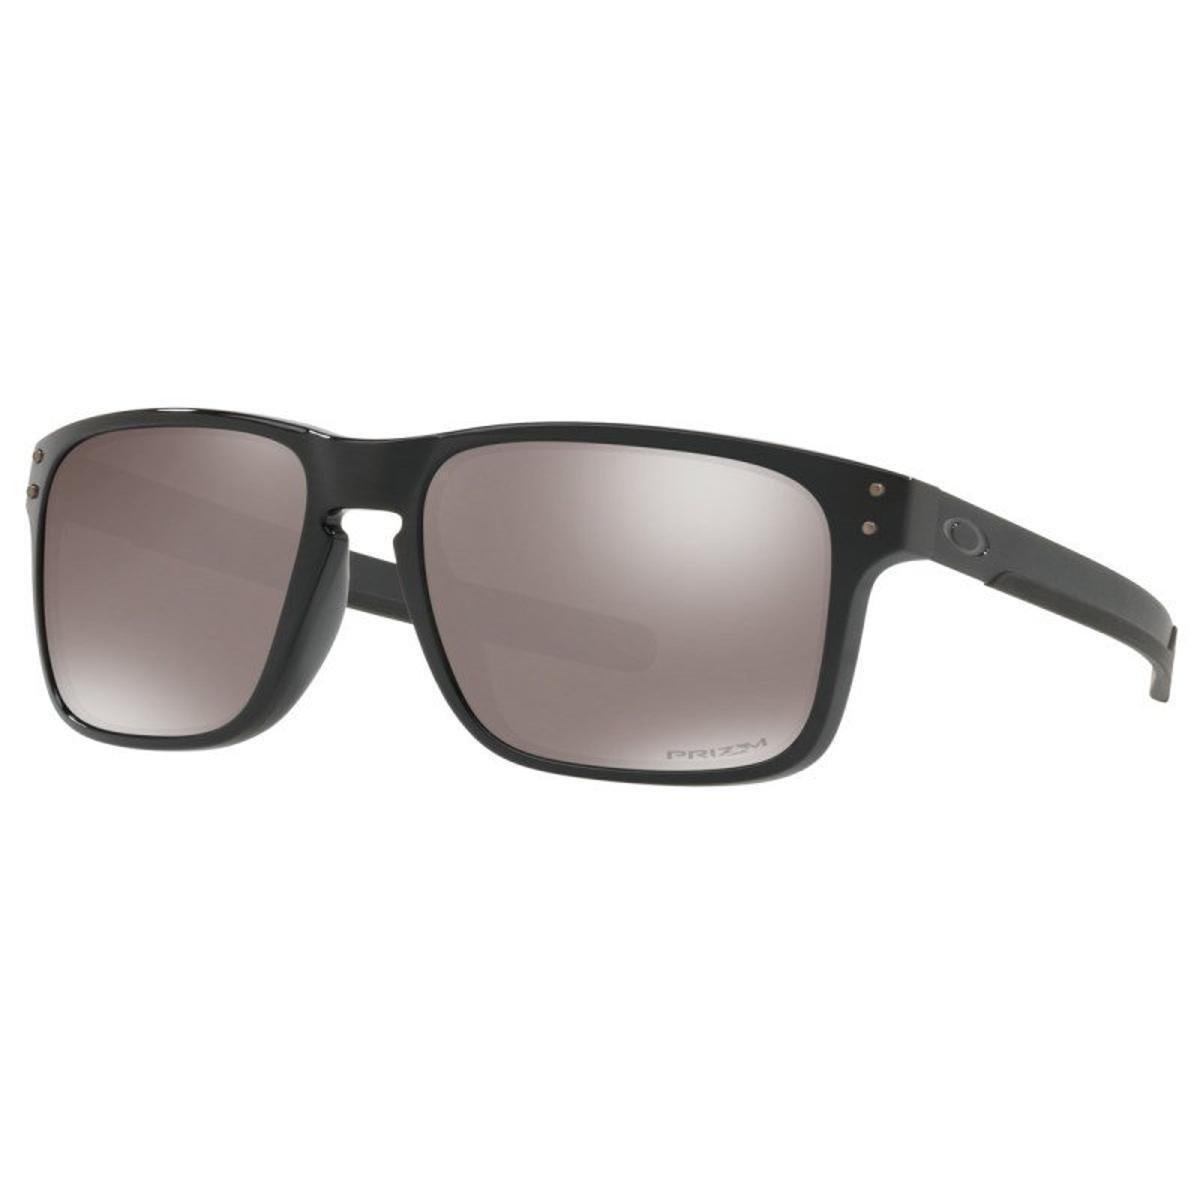 ed65ac655733e Óculos Oakley Holbrook Mix Polished Black Prizm P - Compre Agora ...